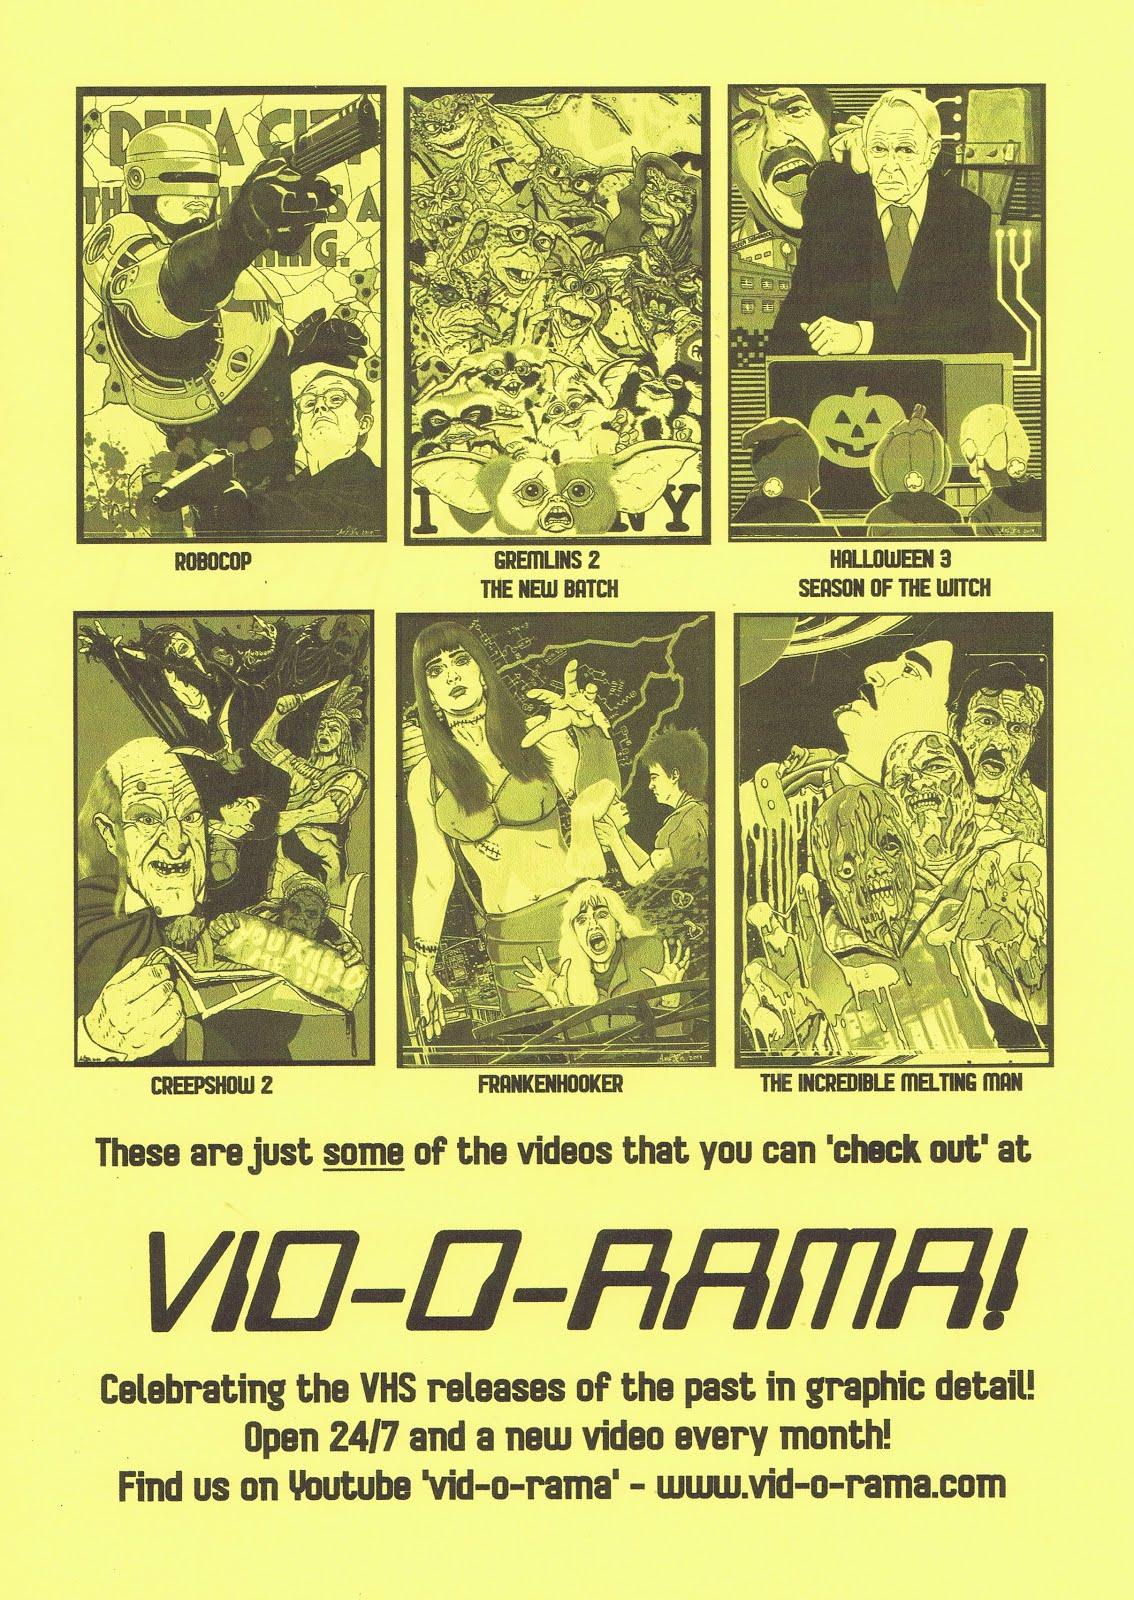 VID-O-RAMA